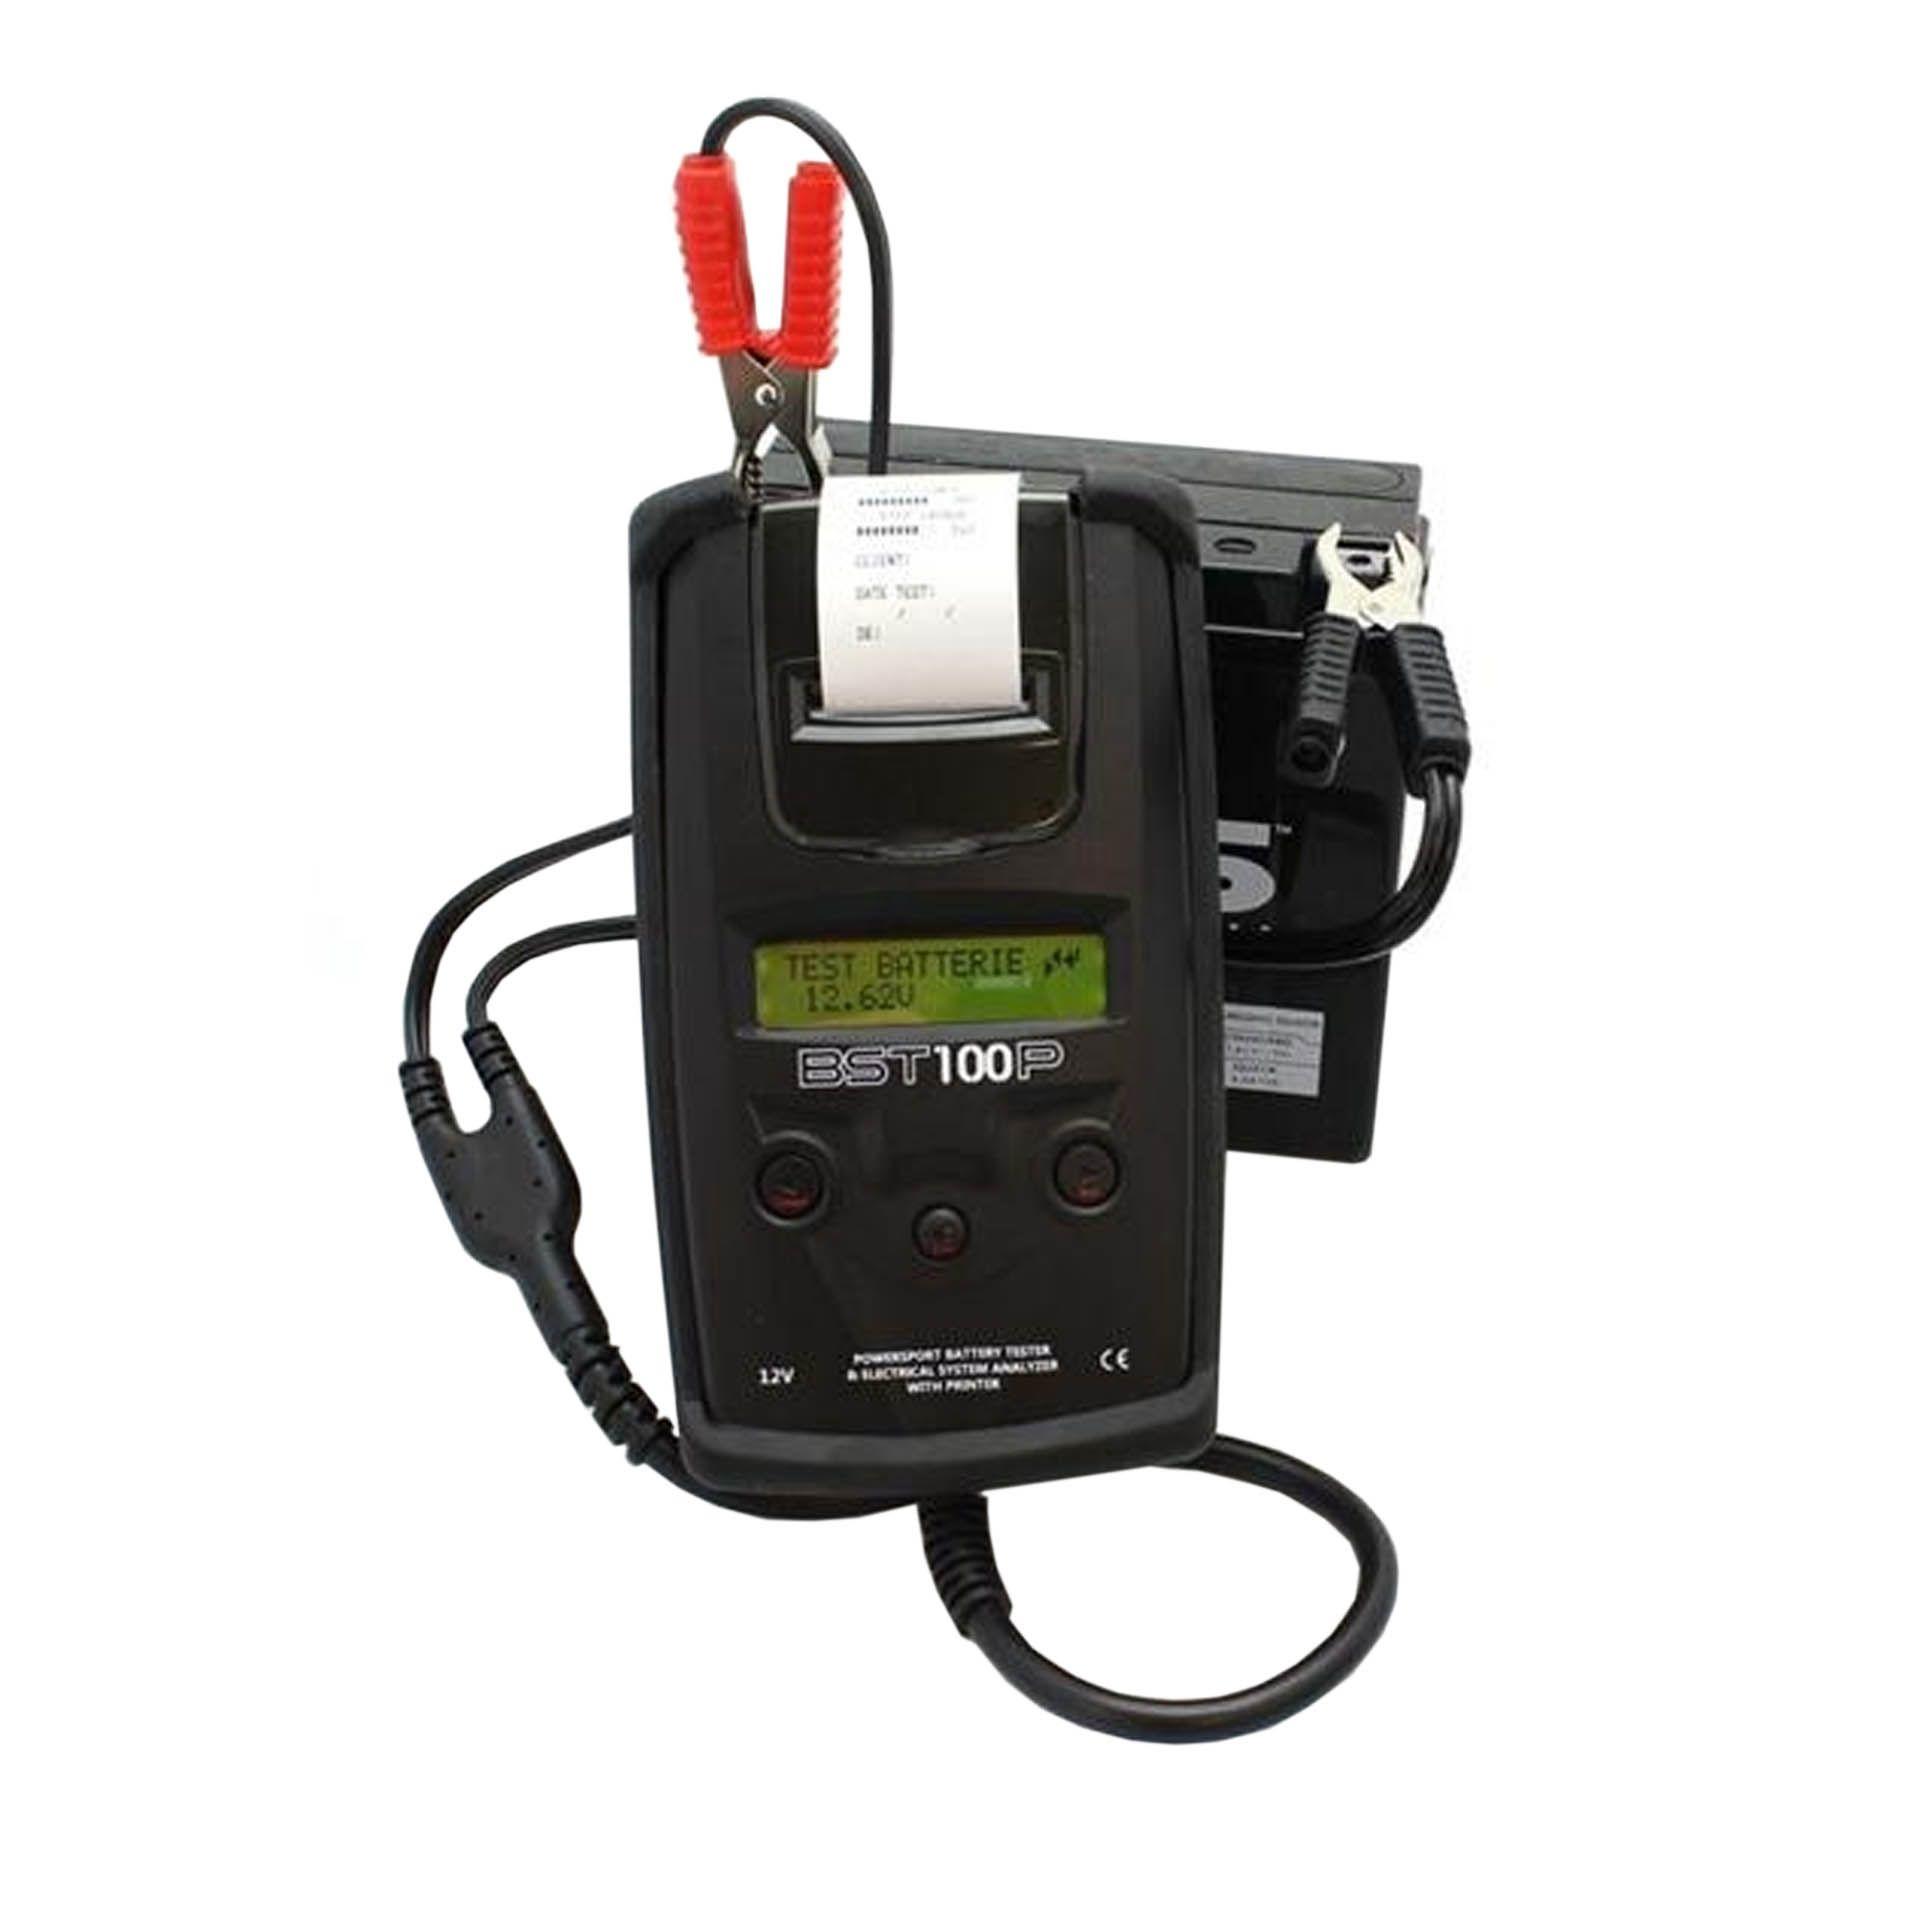 Testeur de batterie et analyseur systeme electrique bs bst100p